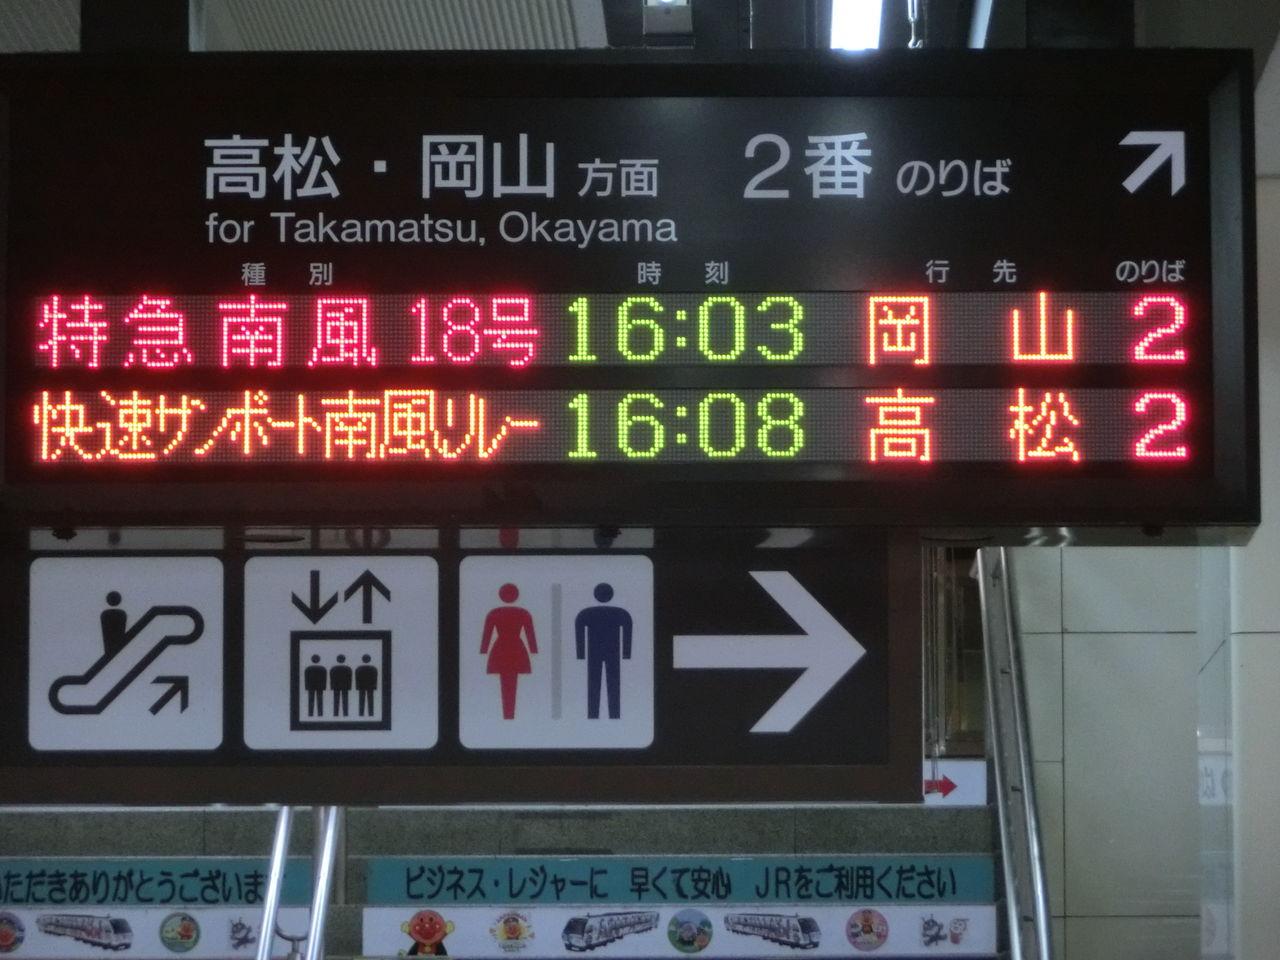 http://livedoor.blogimg.jp/sashibuxxx_osaka/imgs/1/8/18661e63.jpg